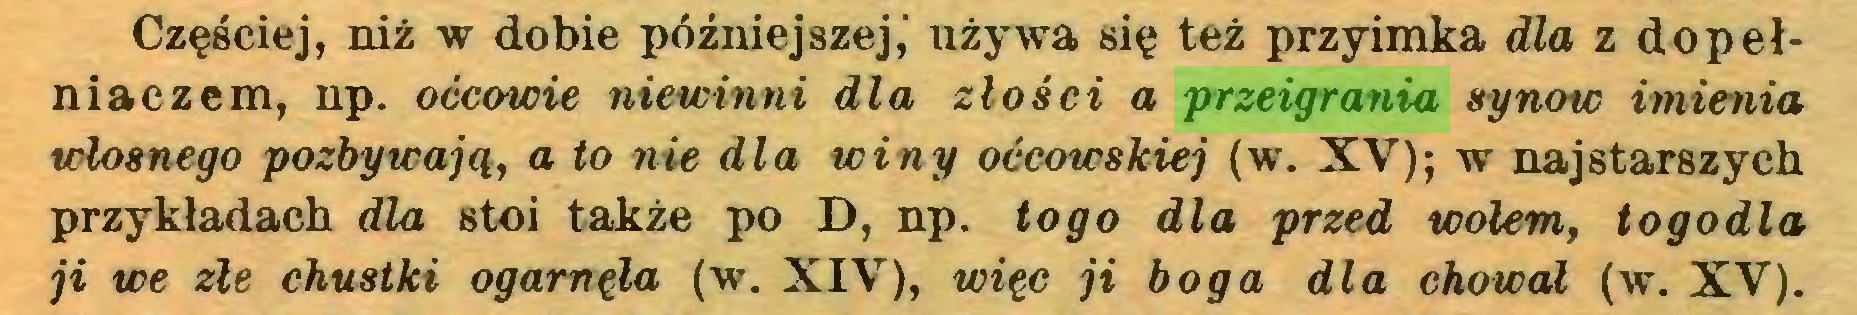 (...) Częściej, niż w dobie późniejszej,' używa się też przyimka dla z dopełniaczem, np. oćcowie niewinni dla złości a przeigrania synów imienia włosnego pozbywają, a to nie dla winy oćcowskiej (w. XV); w najstarszych przykładach dla stoi także po D, np. togo dla przed wołem, togodla ji we złe chustki ogarnęła (w. XIV), więc ji boga dla chował (w. XV)...